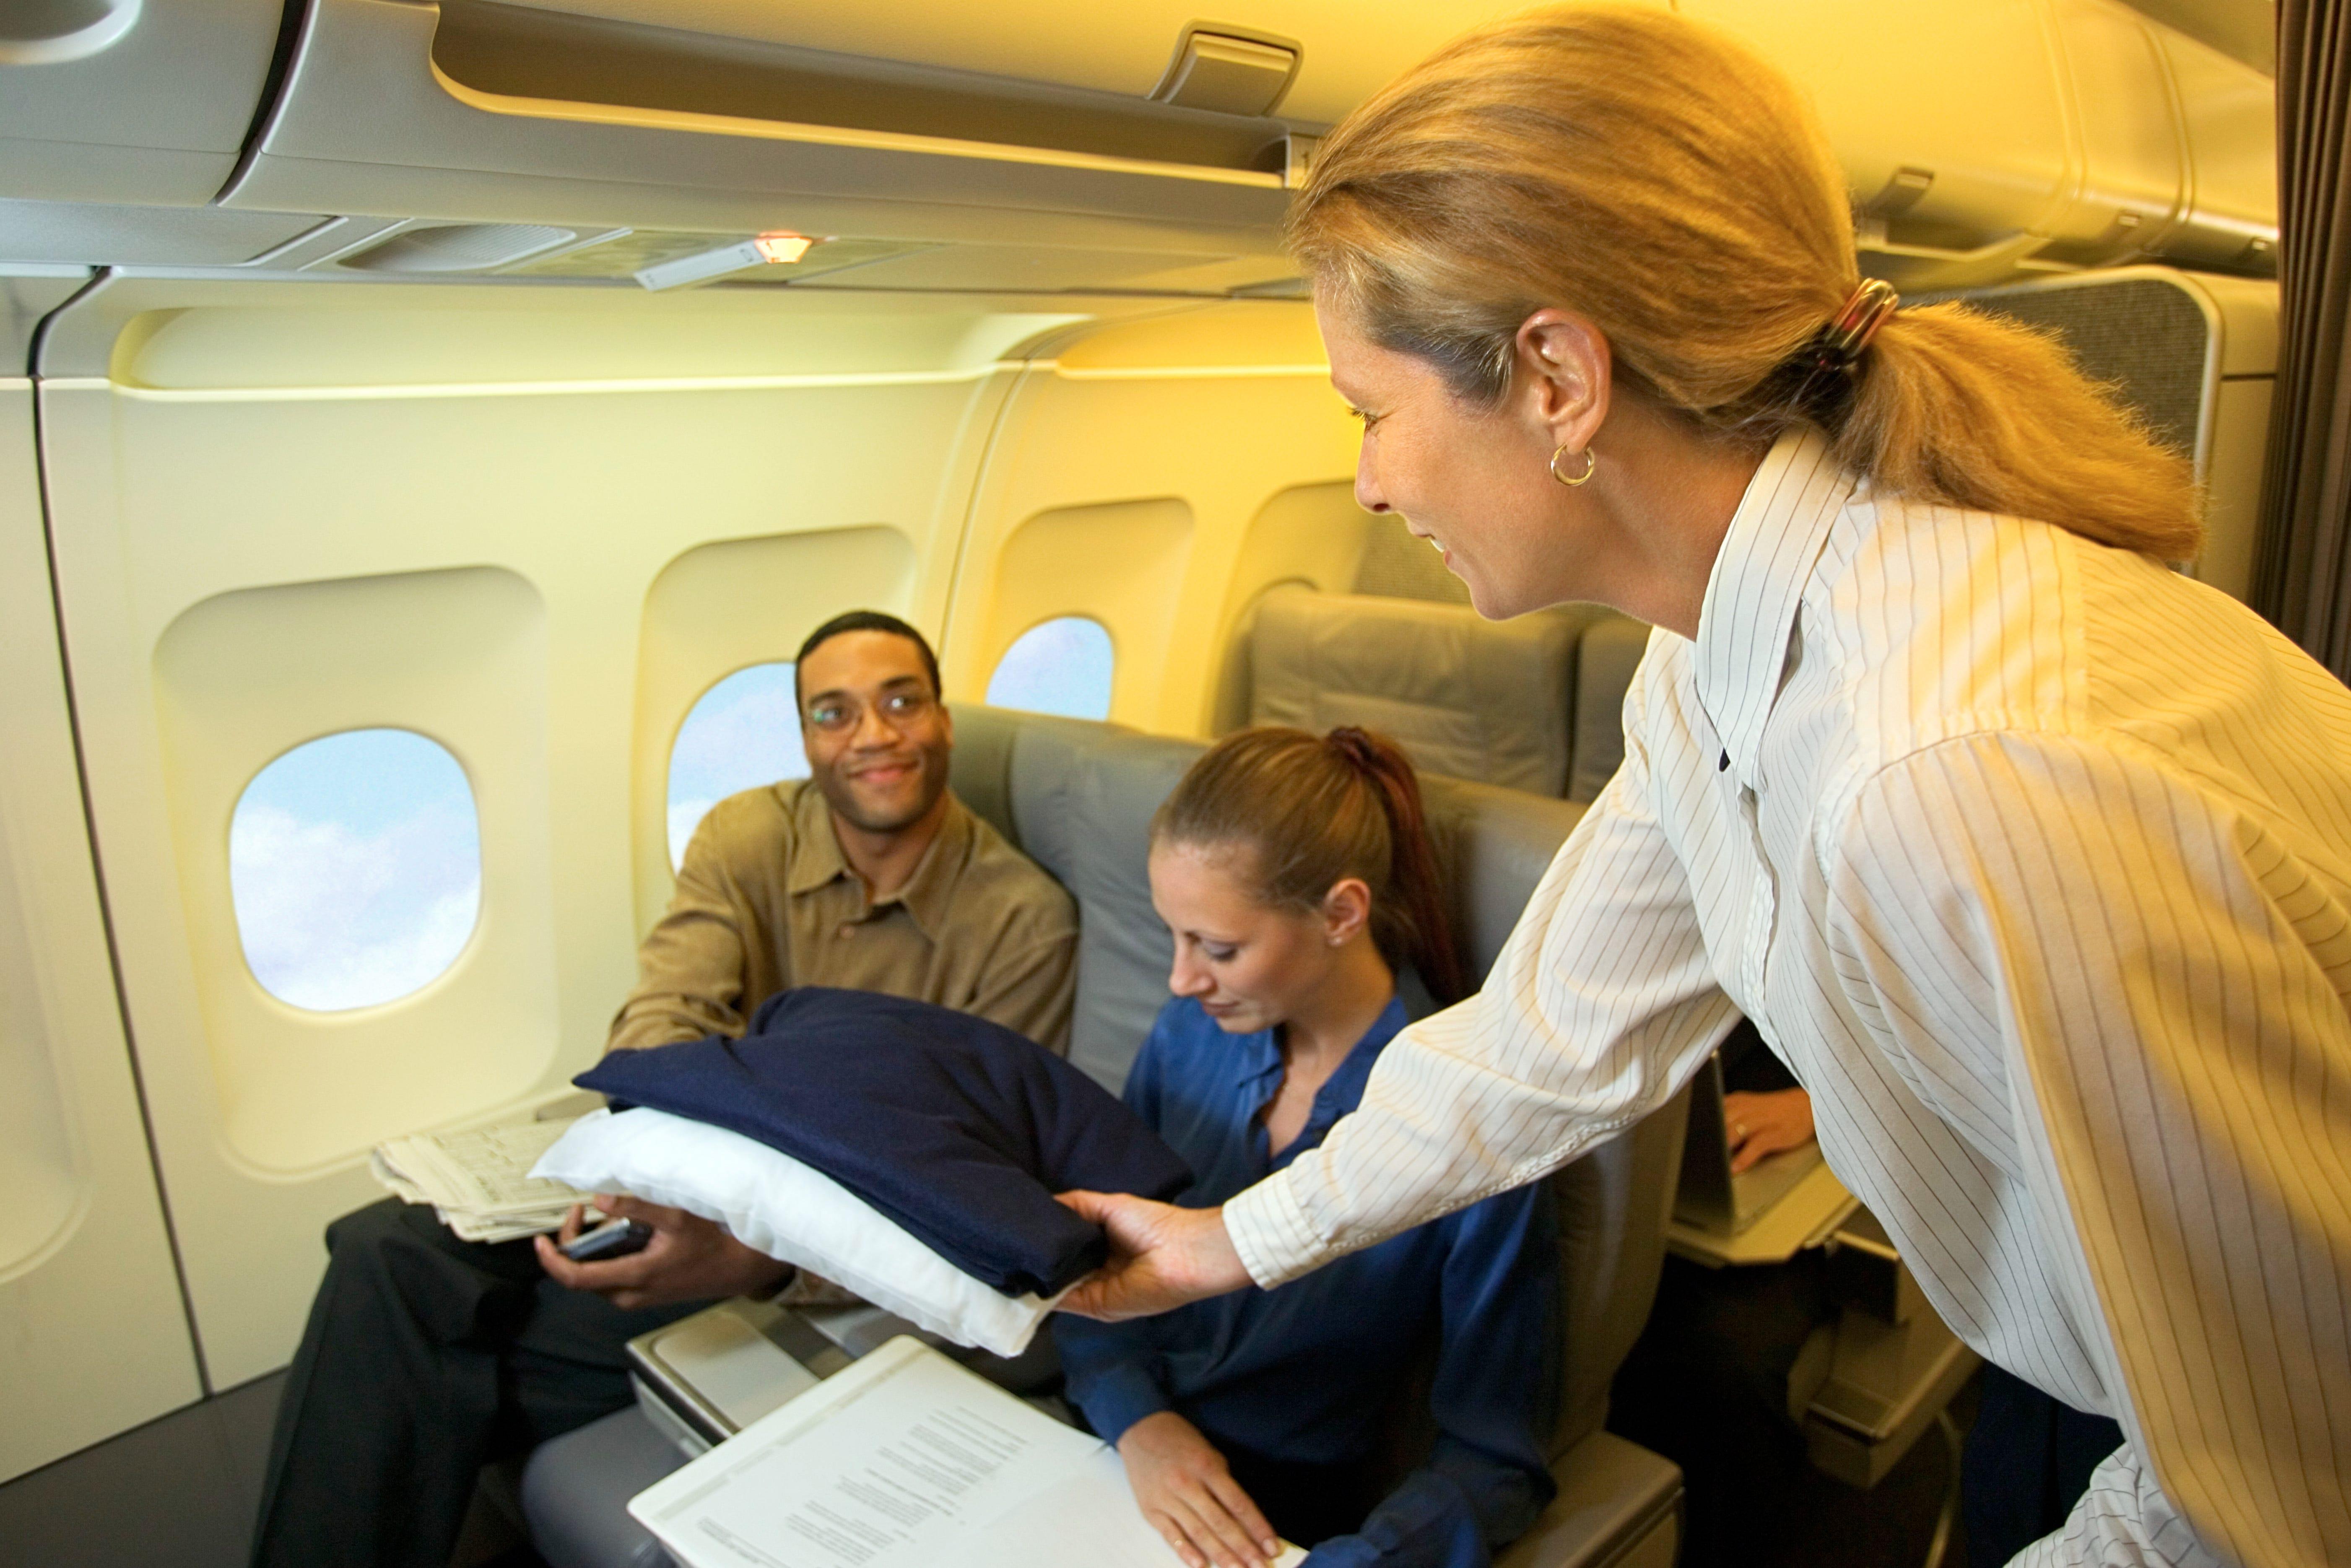 Pilot flight attendant hookup